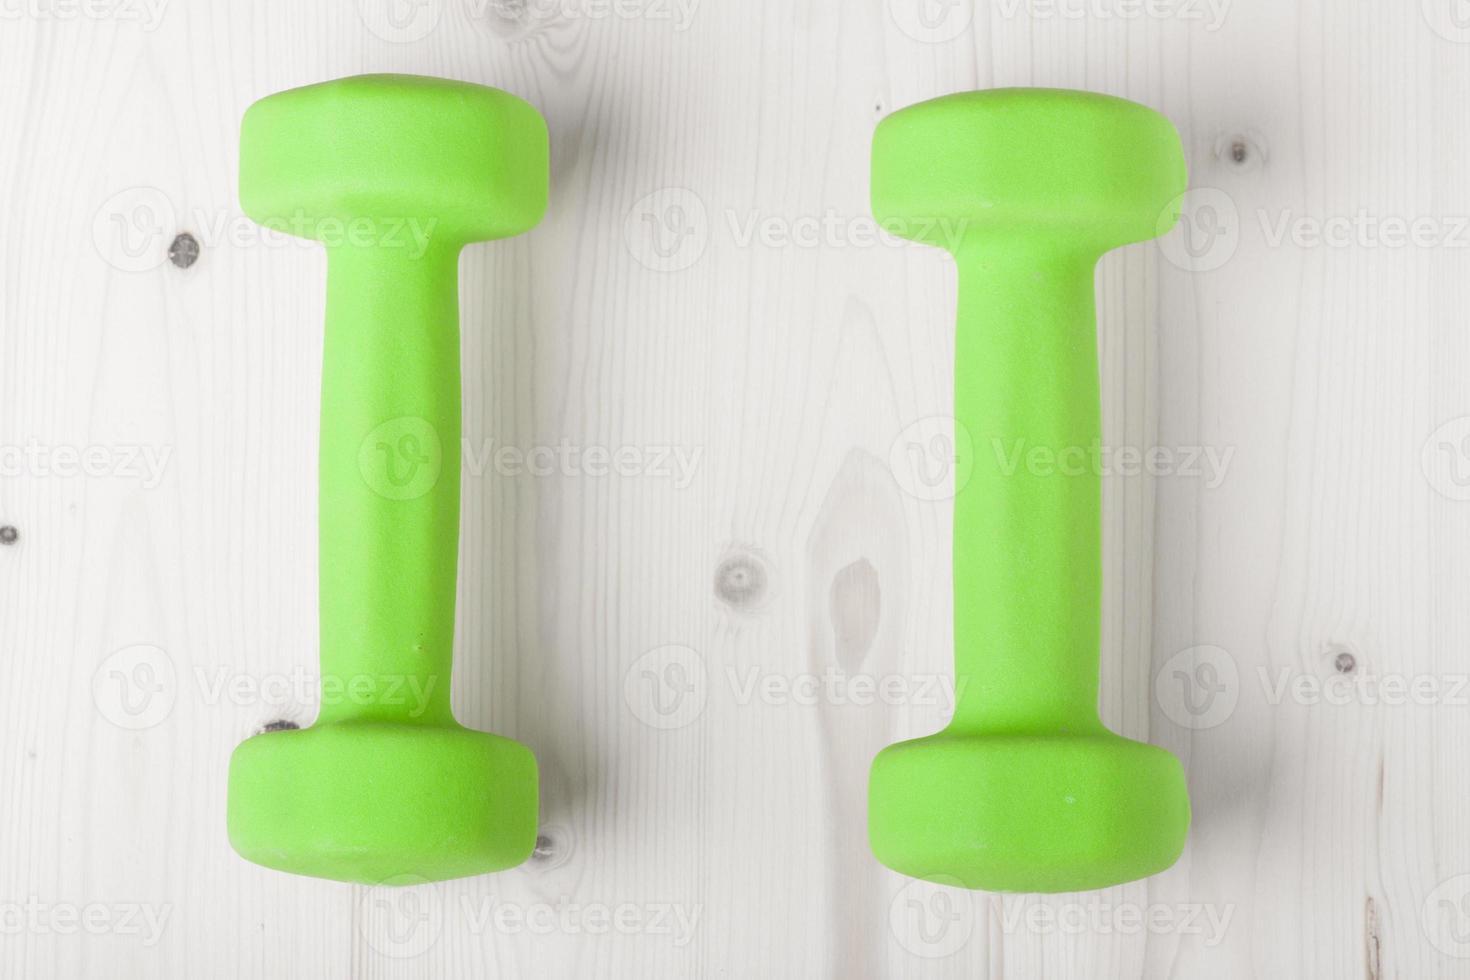 piccoli manubri verdi su superficie di legno foto